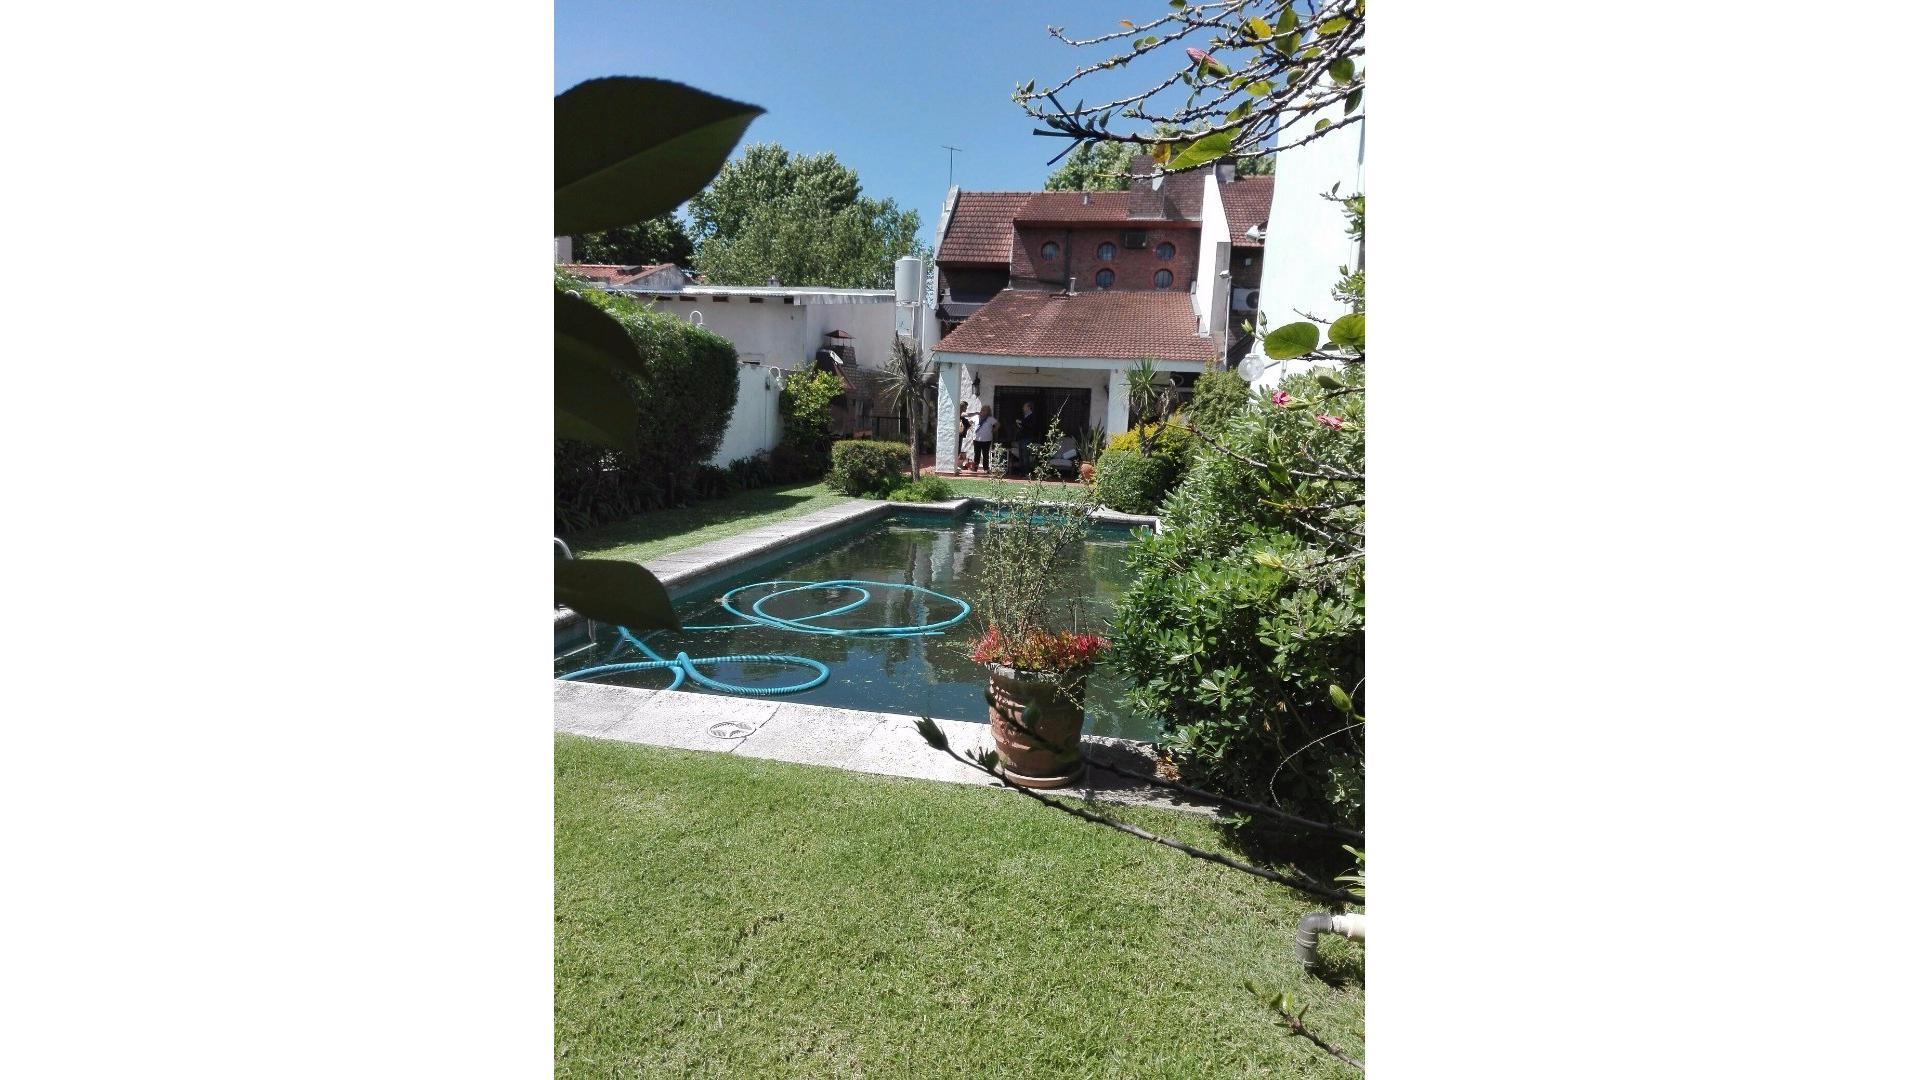 Se vende Chalet ,6 amb,242 m2 cubiertos, lote de 8.66 x 42 mts de largo con hermoso jardín y pileta